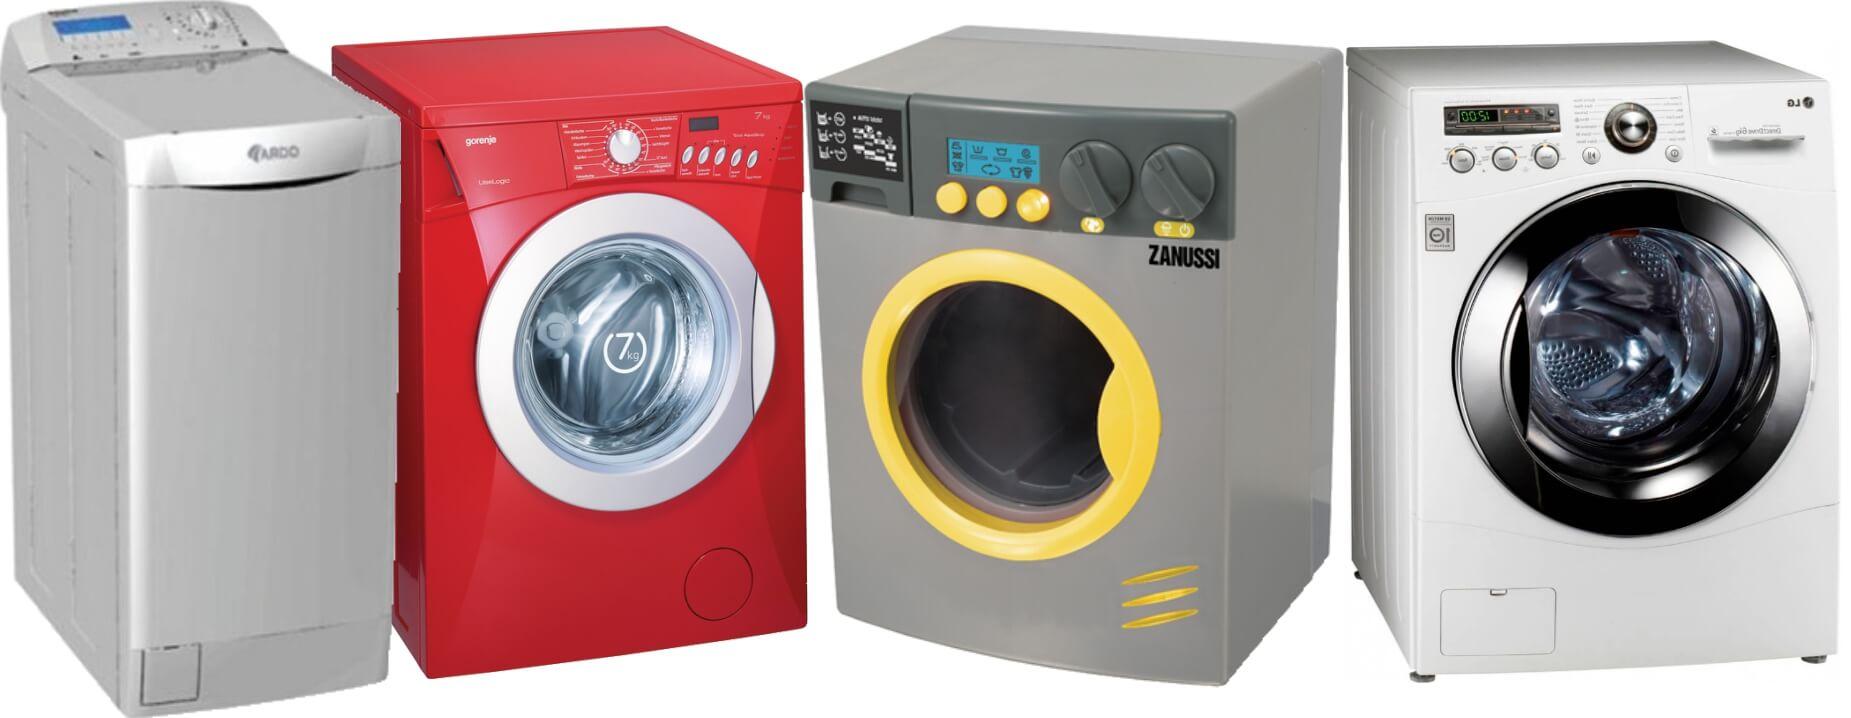 ремонт стиральных машин в харькове фото